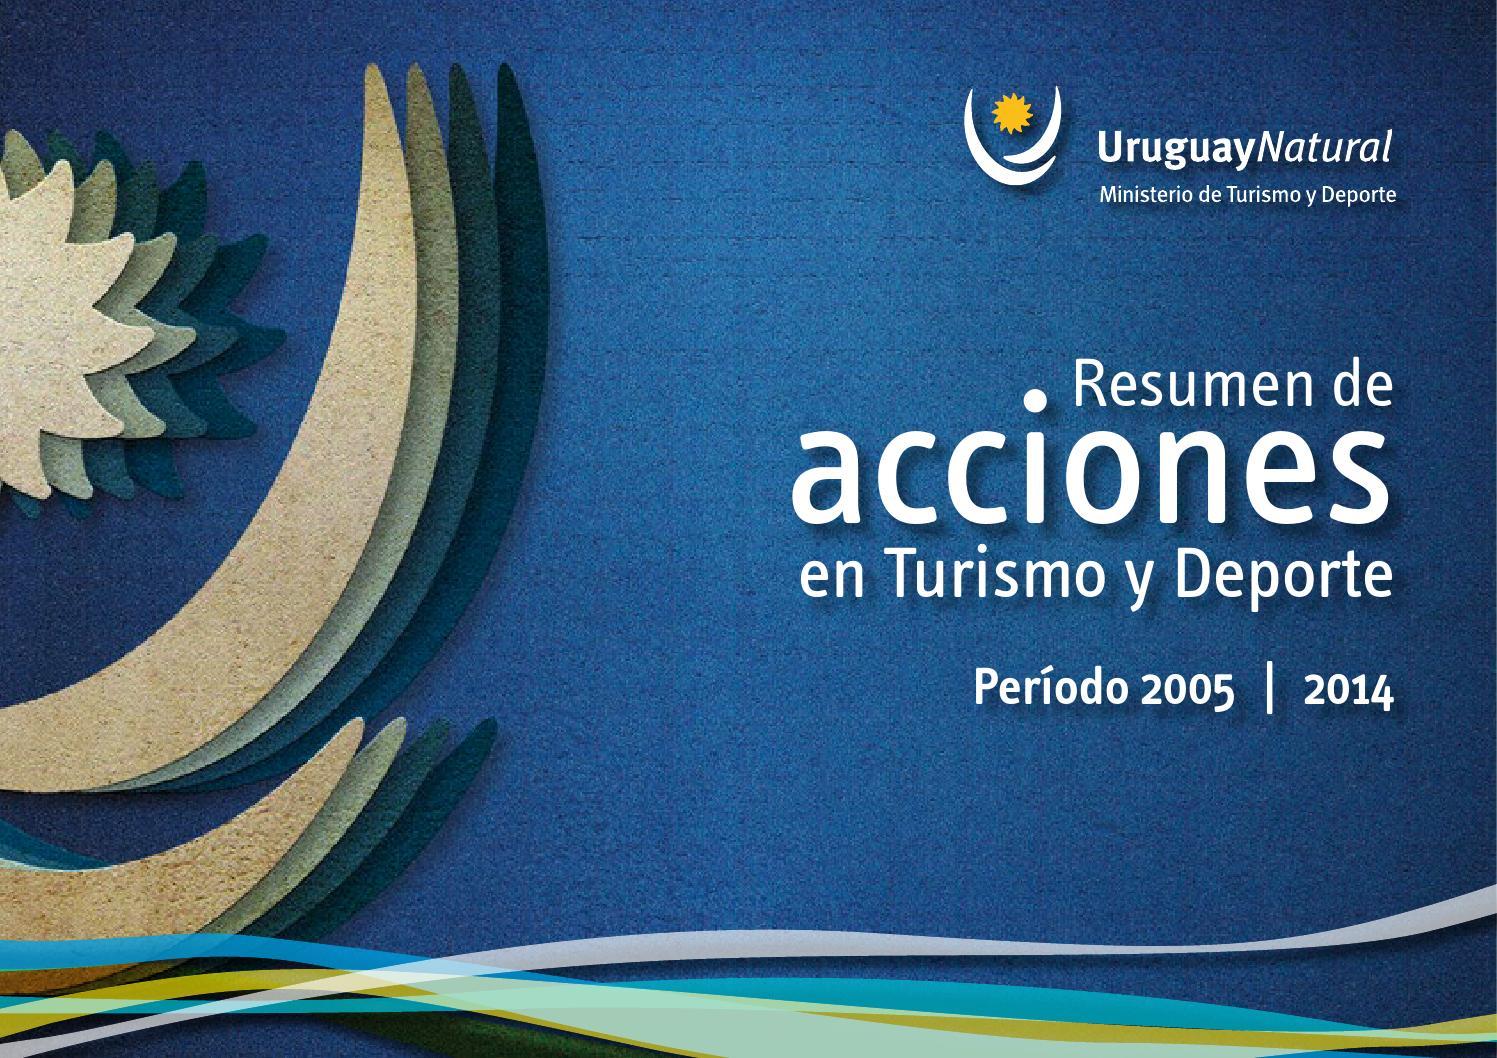 Resumen de acciones en Turismo y Deporte - by Uruguay Natural - issuu